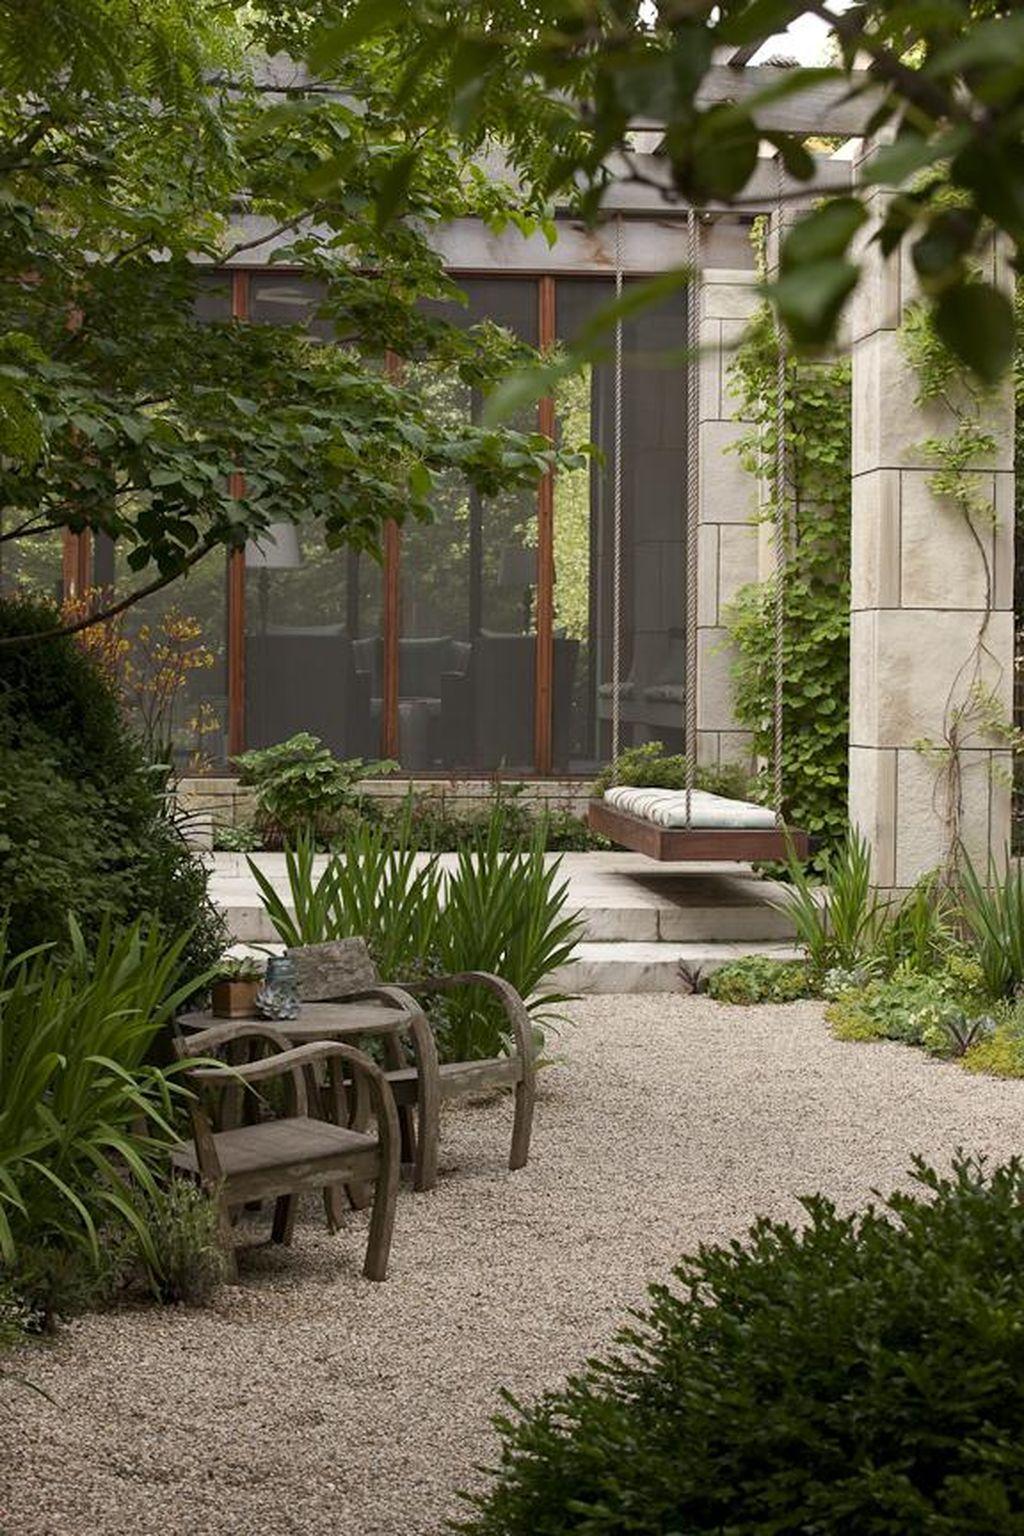 63 creative diy patio gardens ideas on a budget landscaping designdesign trendsterracegarden